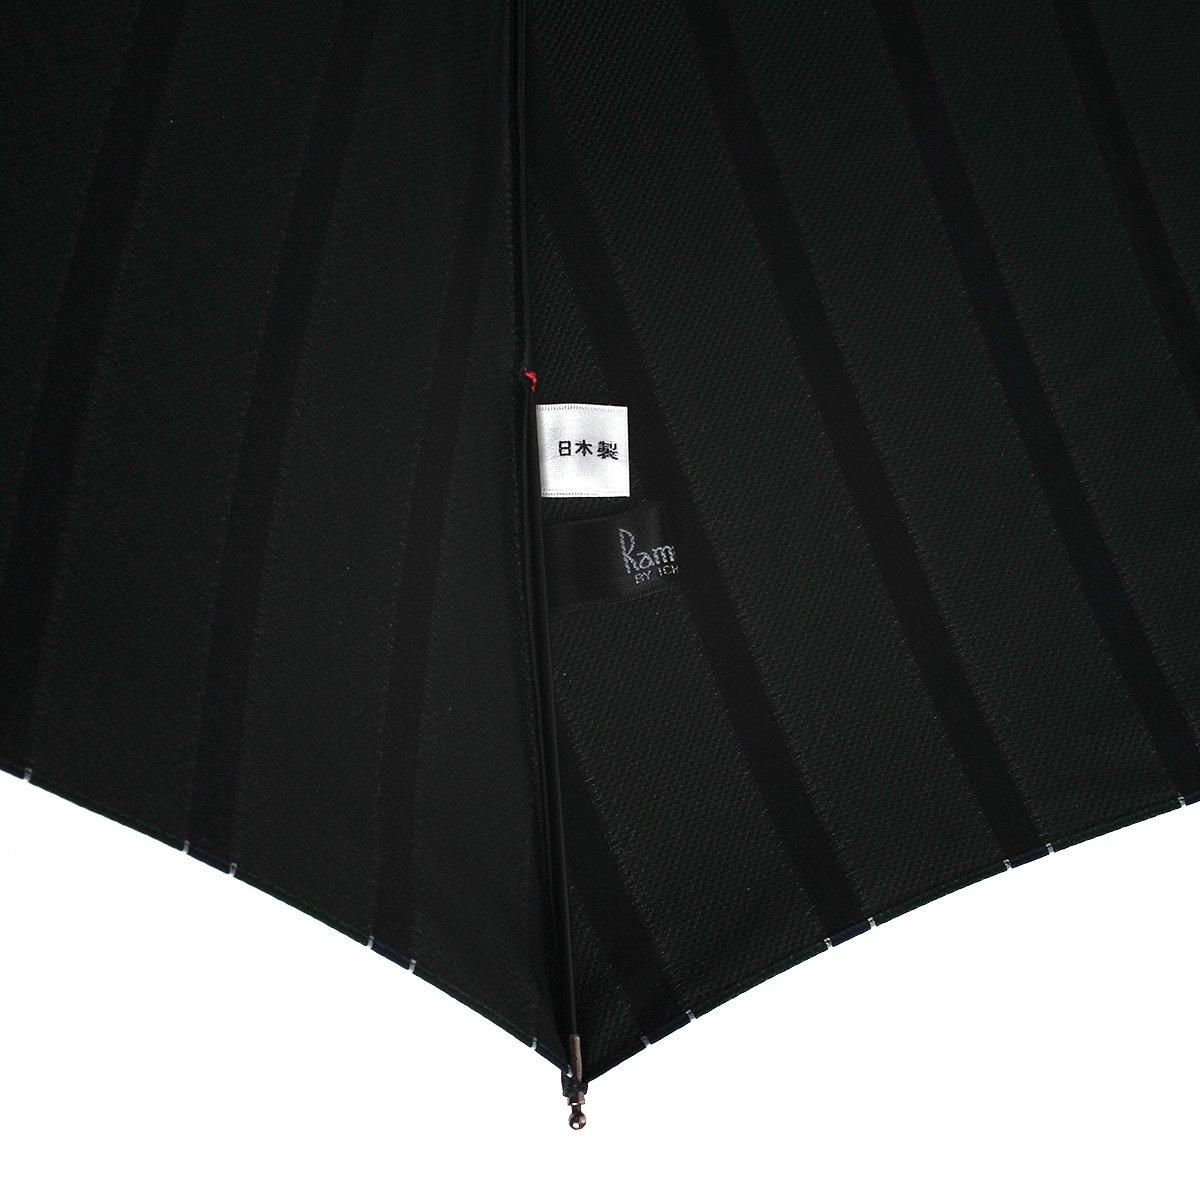 トラッドストライプ 折りたたみ傘 詳細画像9